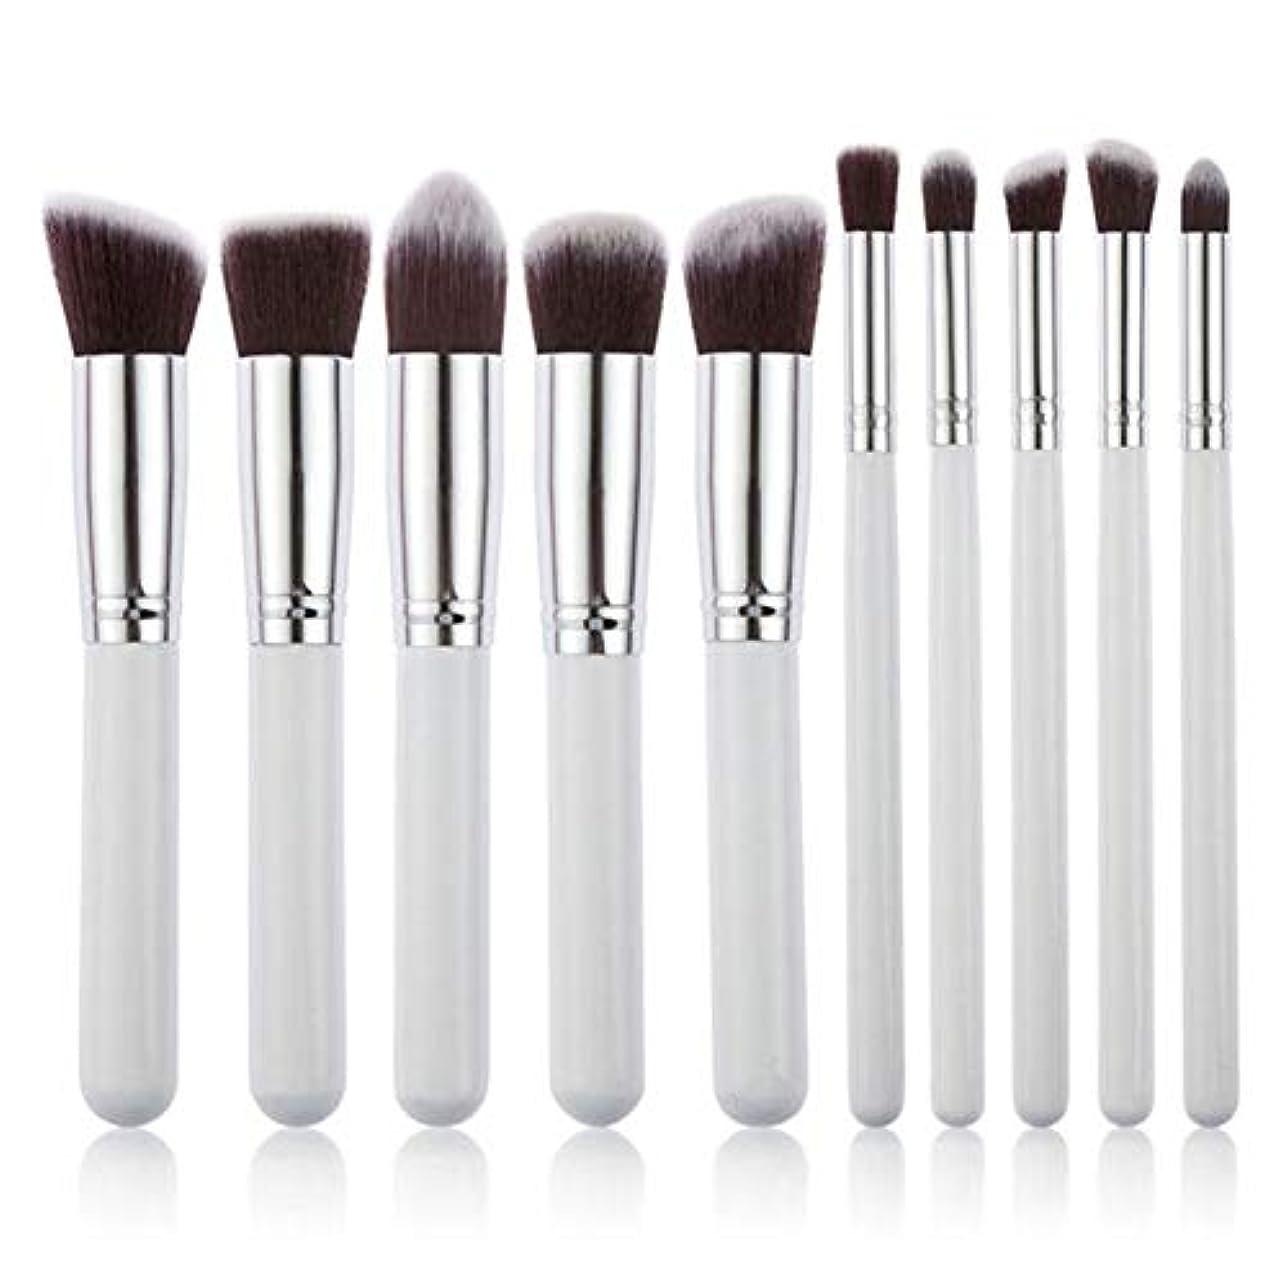 報復するスチュワーデス浴Makeup brushes 10ピースWhiteMakeupブラシセットモダンスラックパウダーブラシアイシャドウブラシコンターブラシ suits (Color : White Silver)